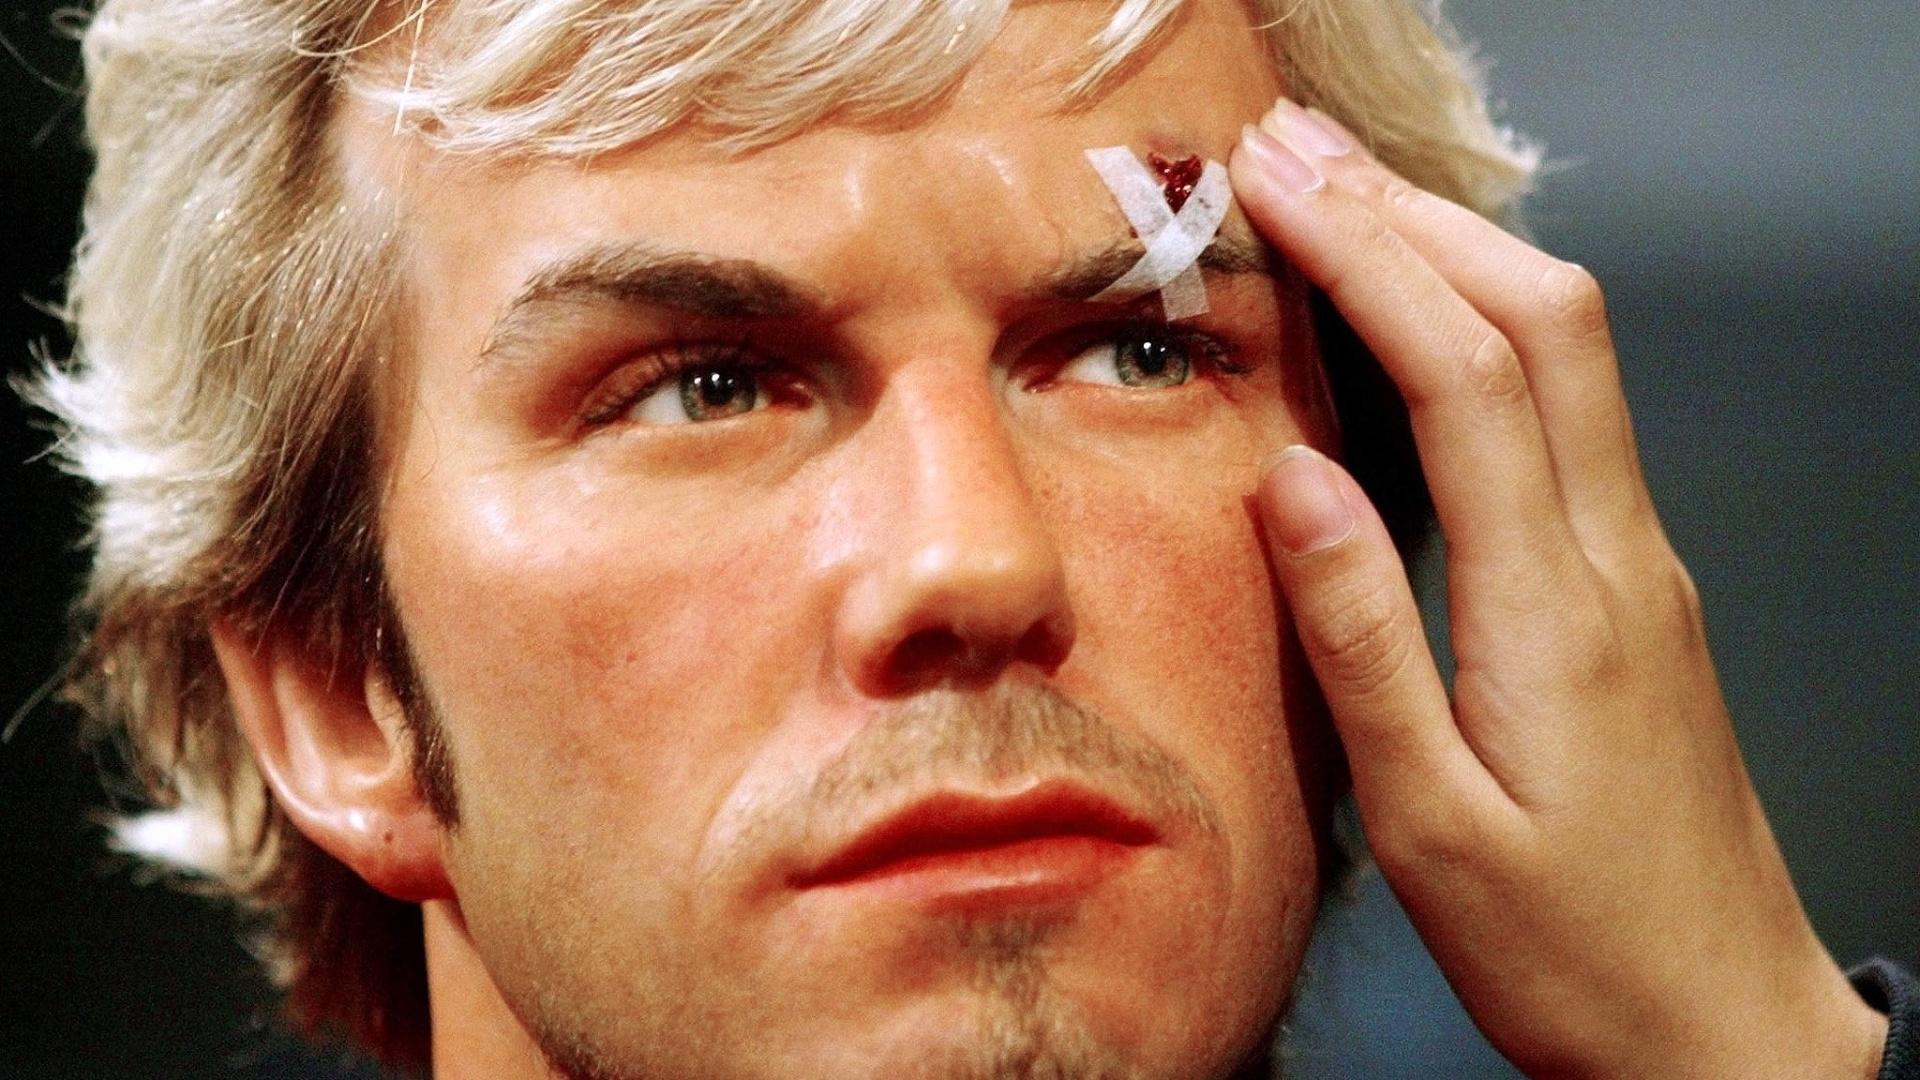 David Beckham com um corte no supercílio depois de ser atingido por uma chuteira atirada por Ferguson